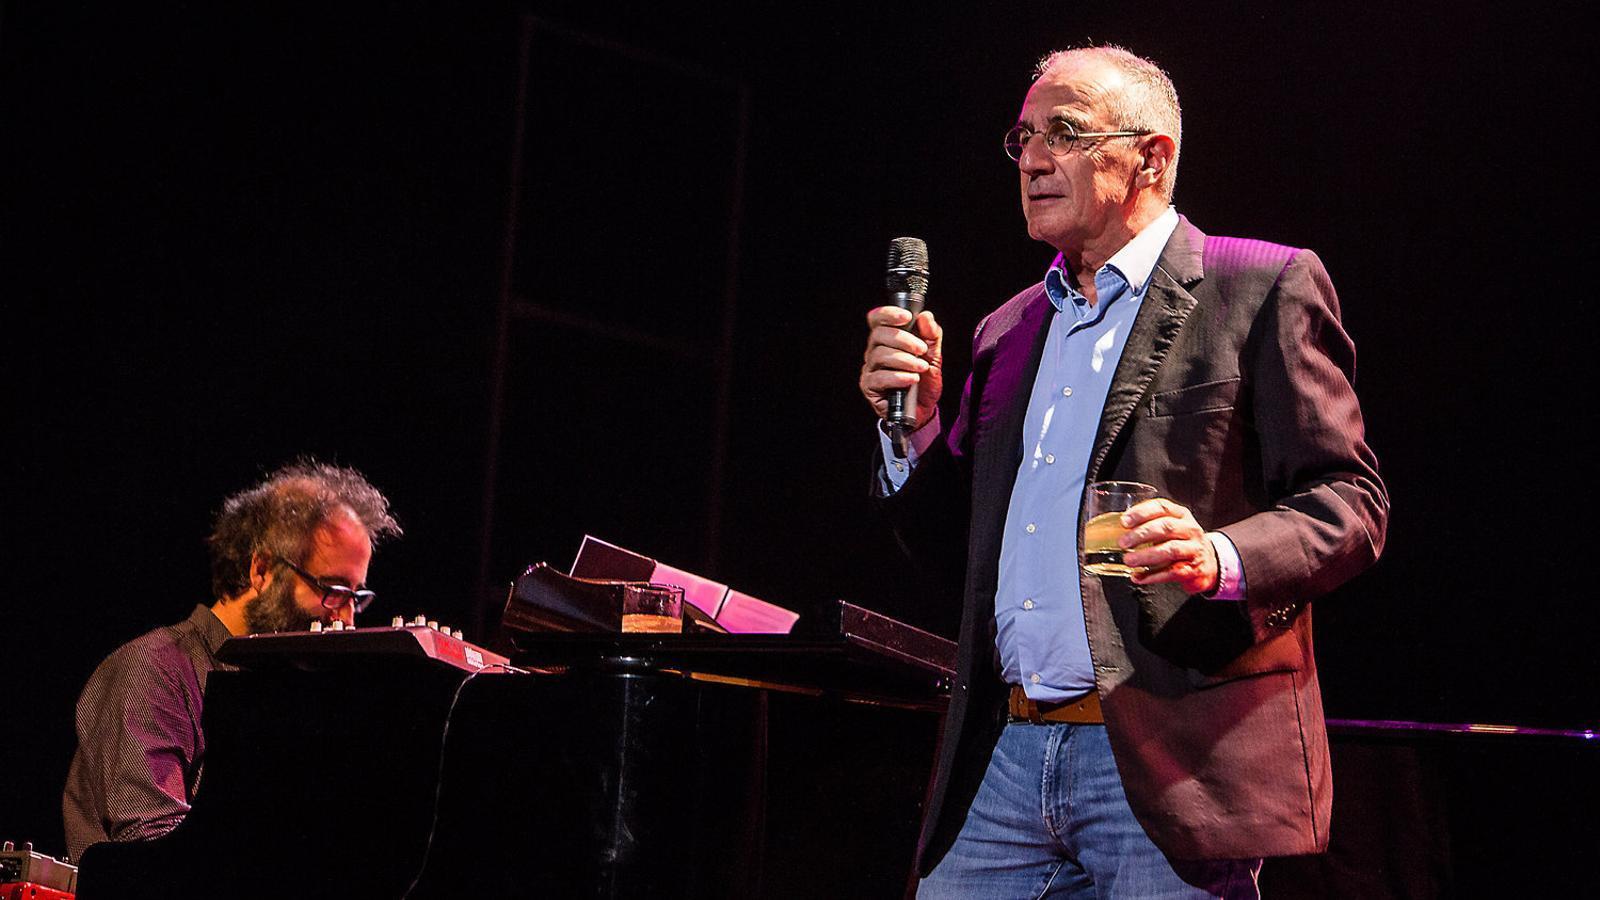 Jaume Manresa i Quimi Portet durant la interpretació de Sunny day en el concert inaugural del Mercat.